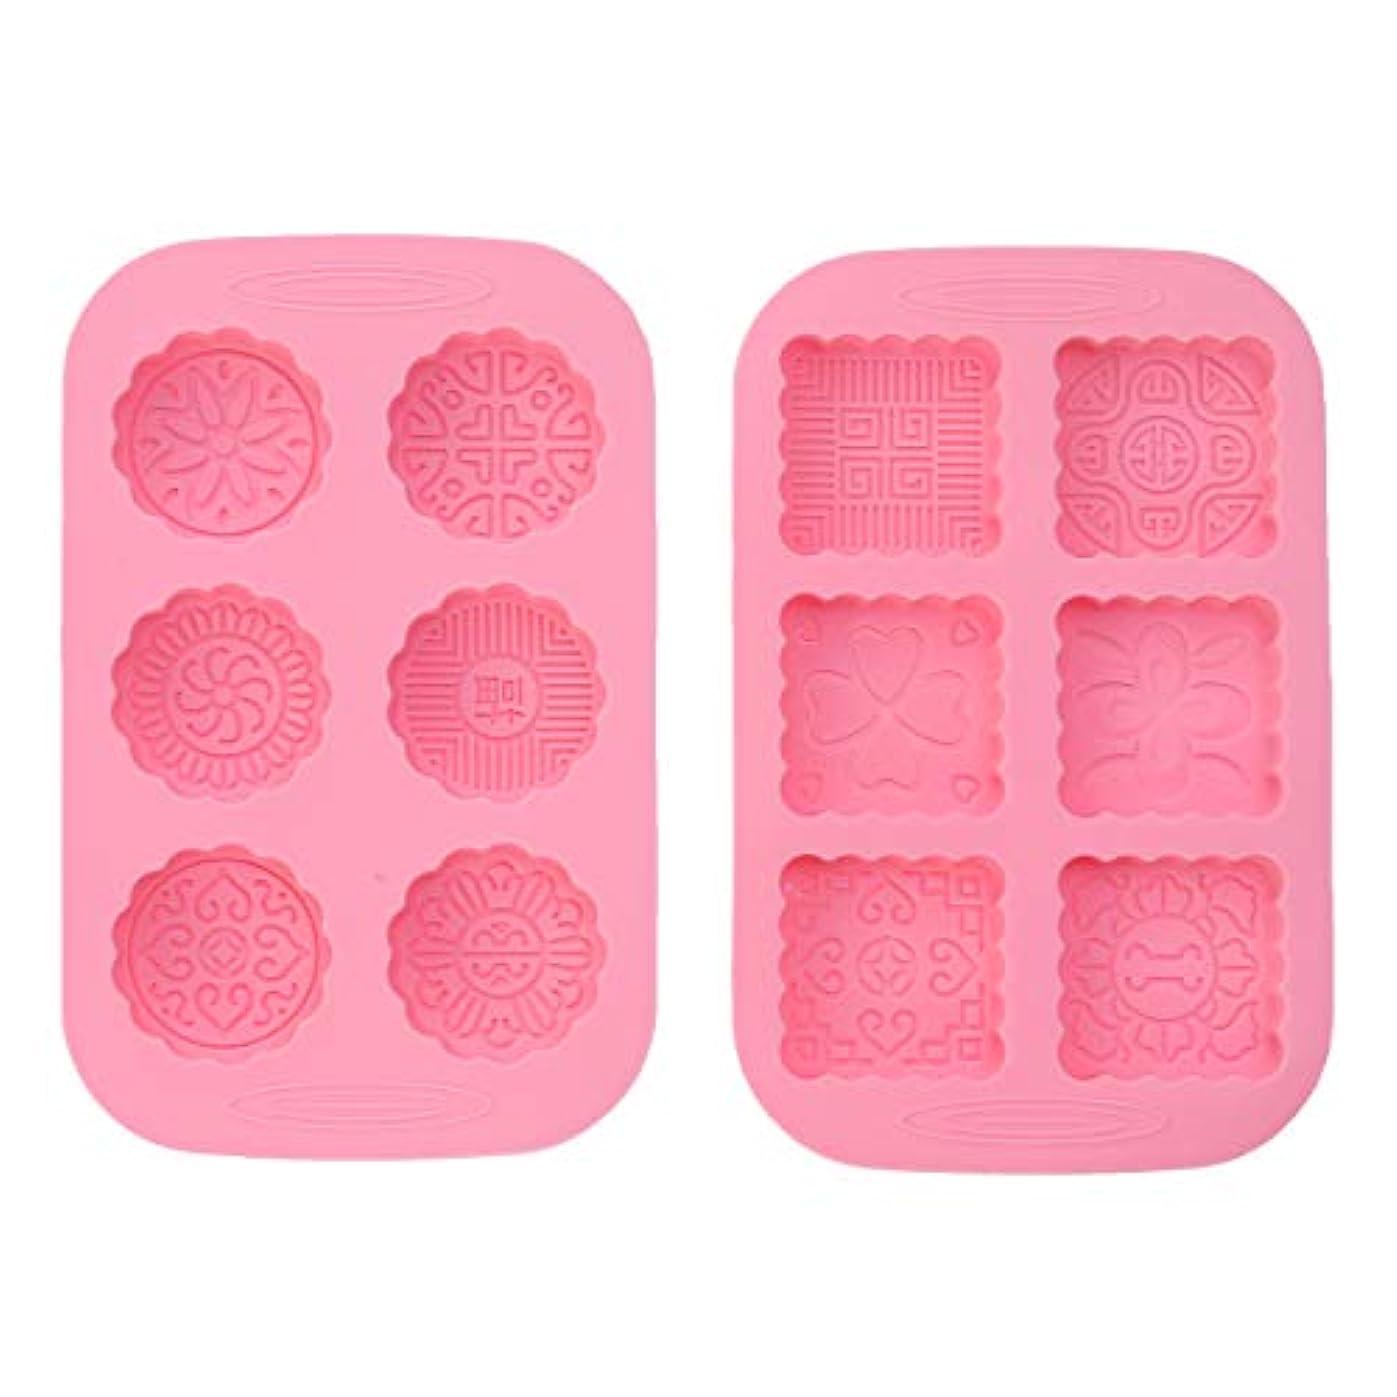 生物学同化するドラゴンHealifty チョコレート石鹸パンのための2本の月餅型の花型(ピンク)